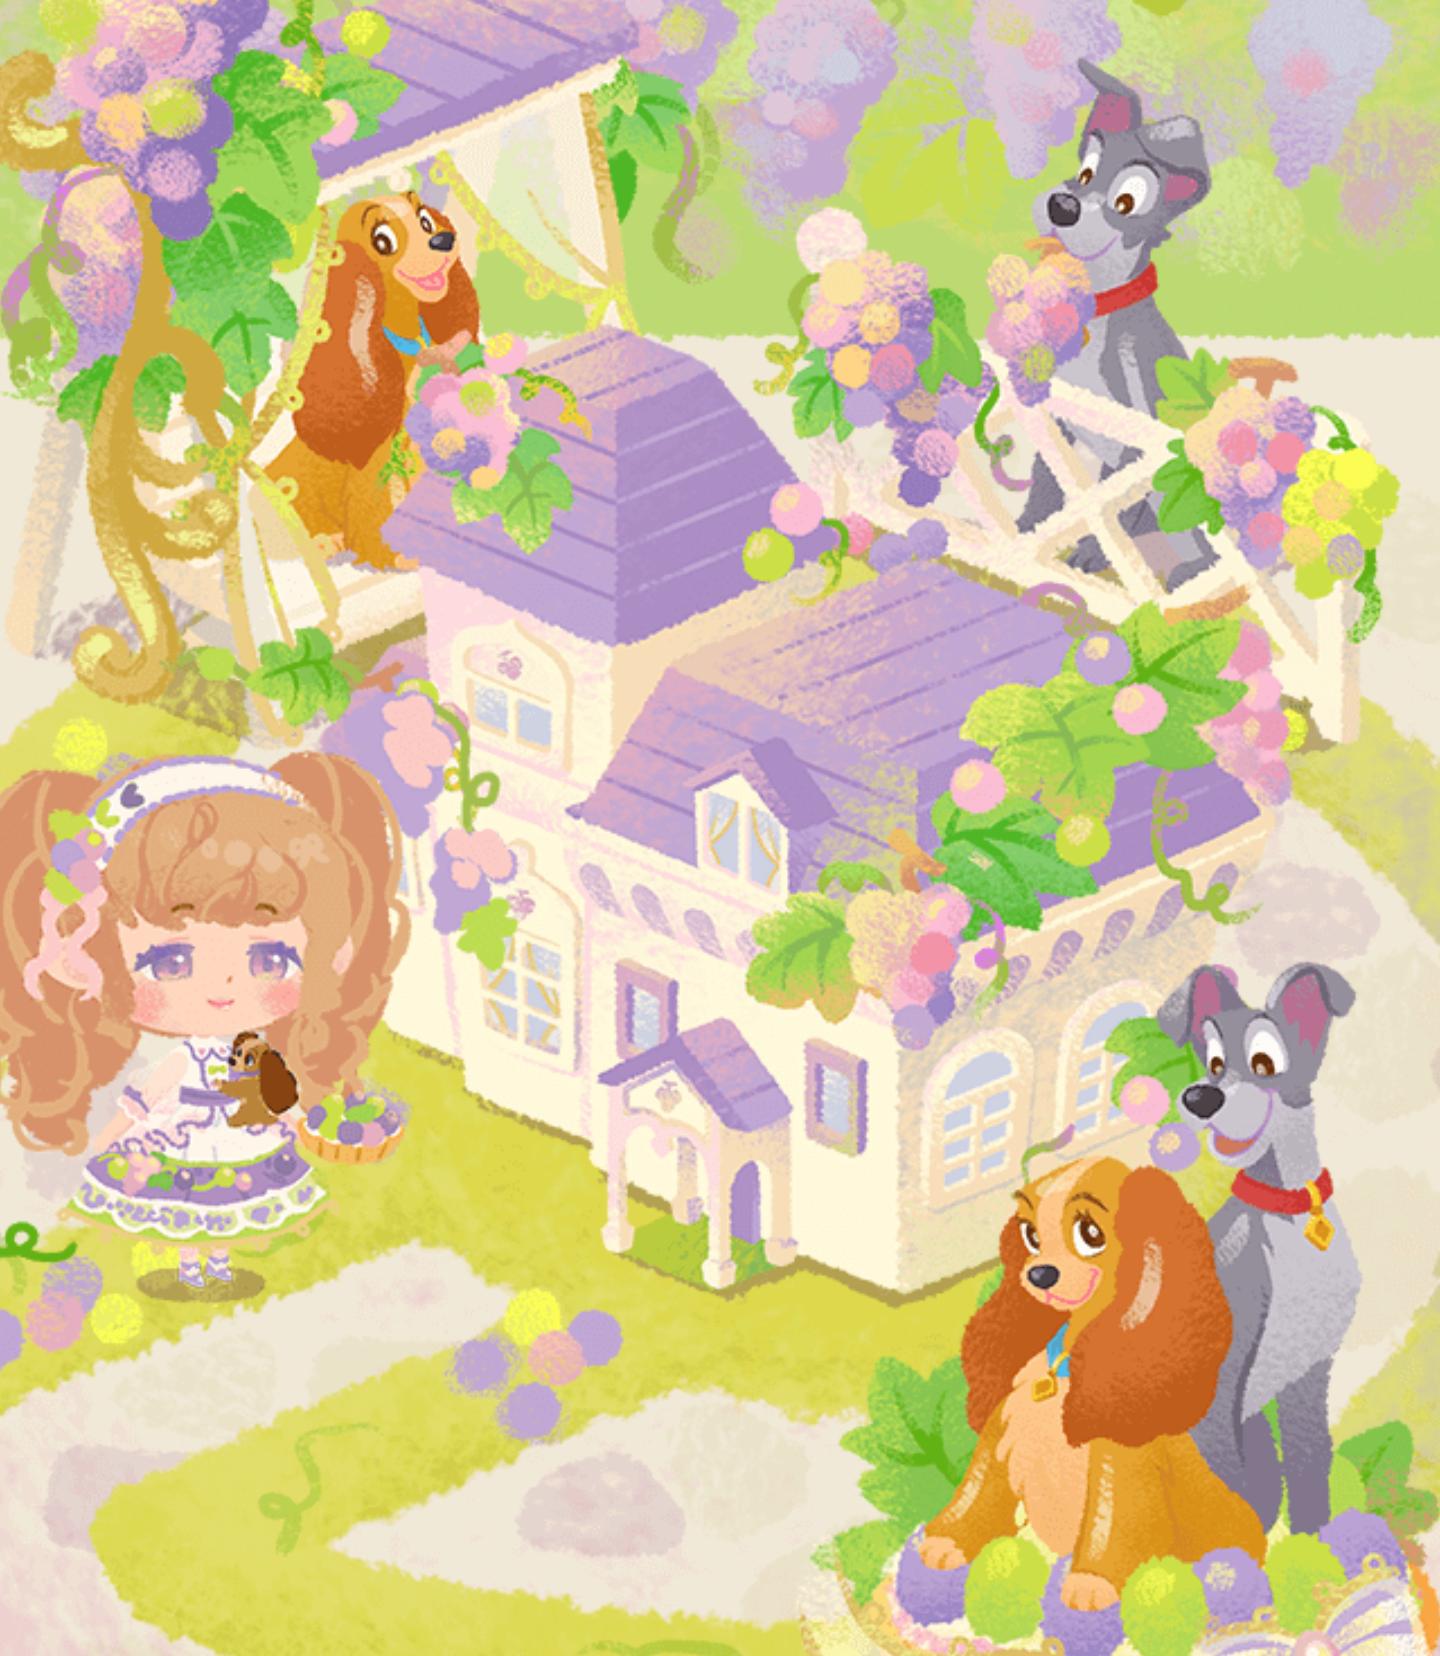 昼下がりのぶどうの庭 ガチャ全体図